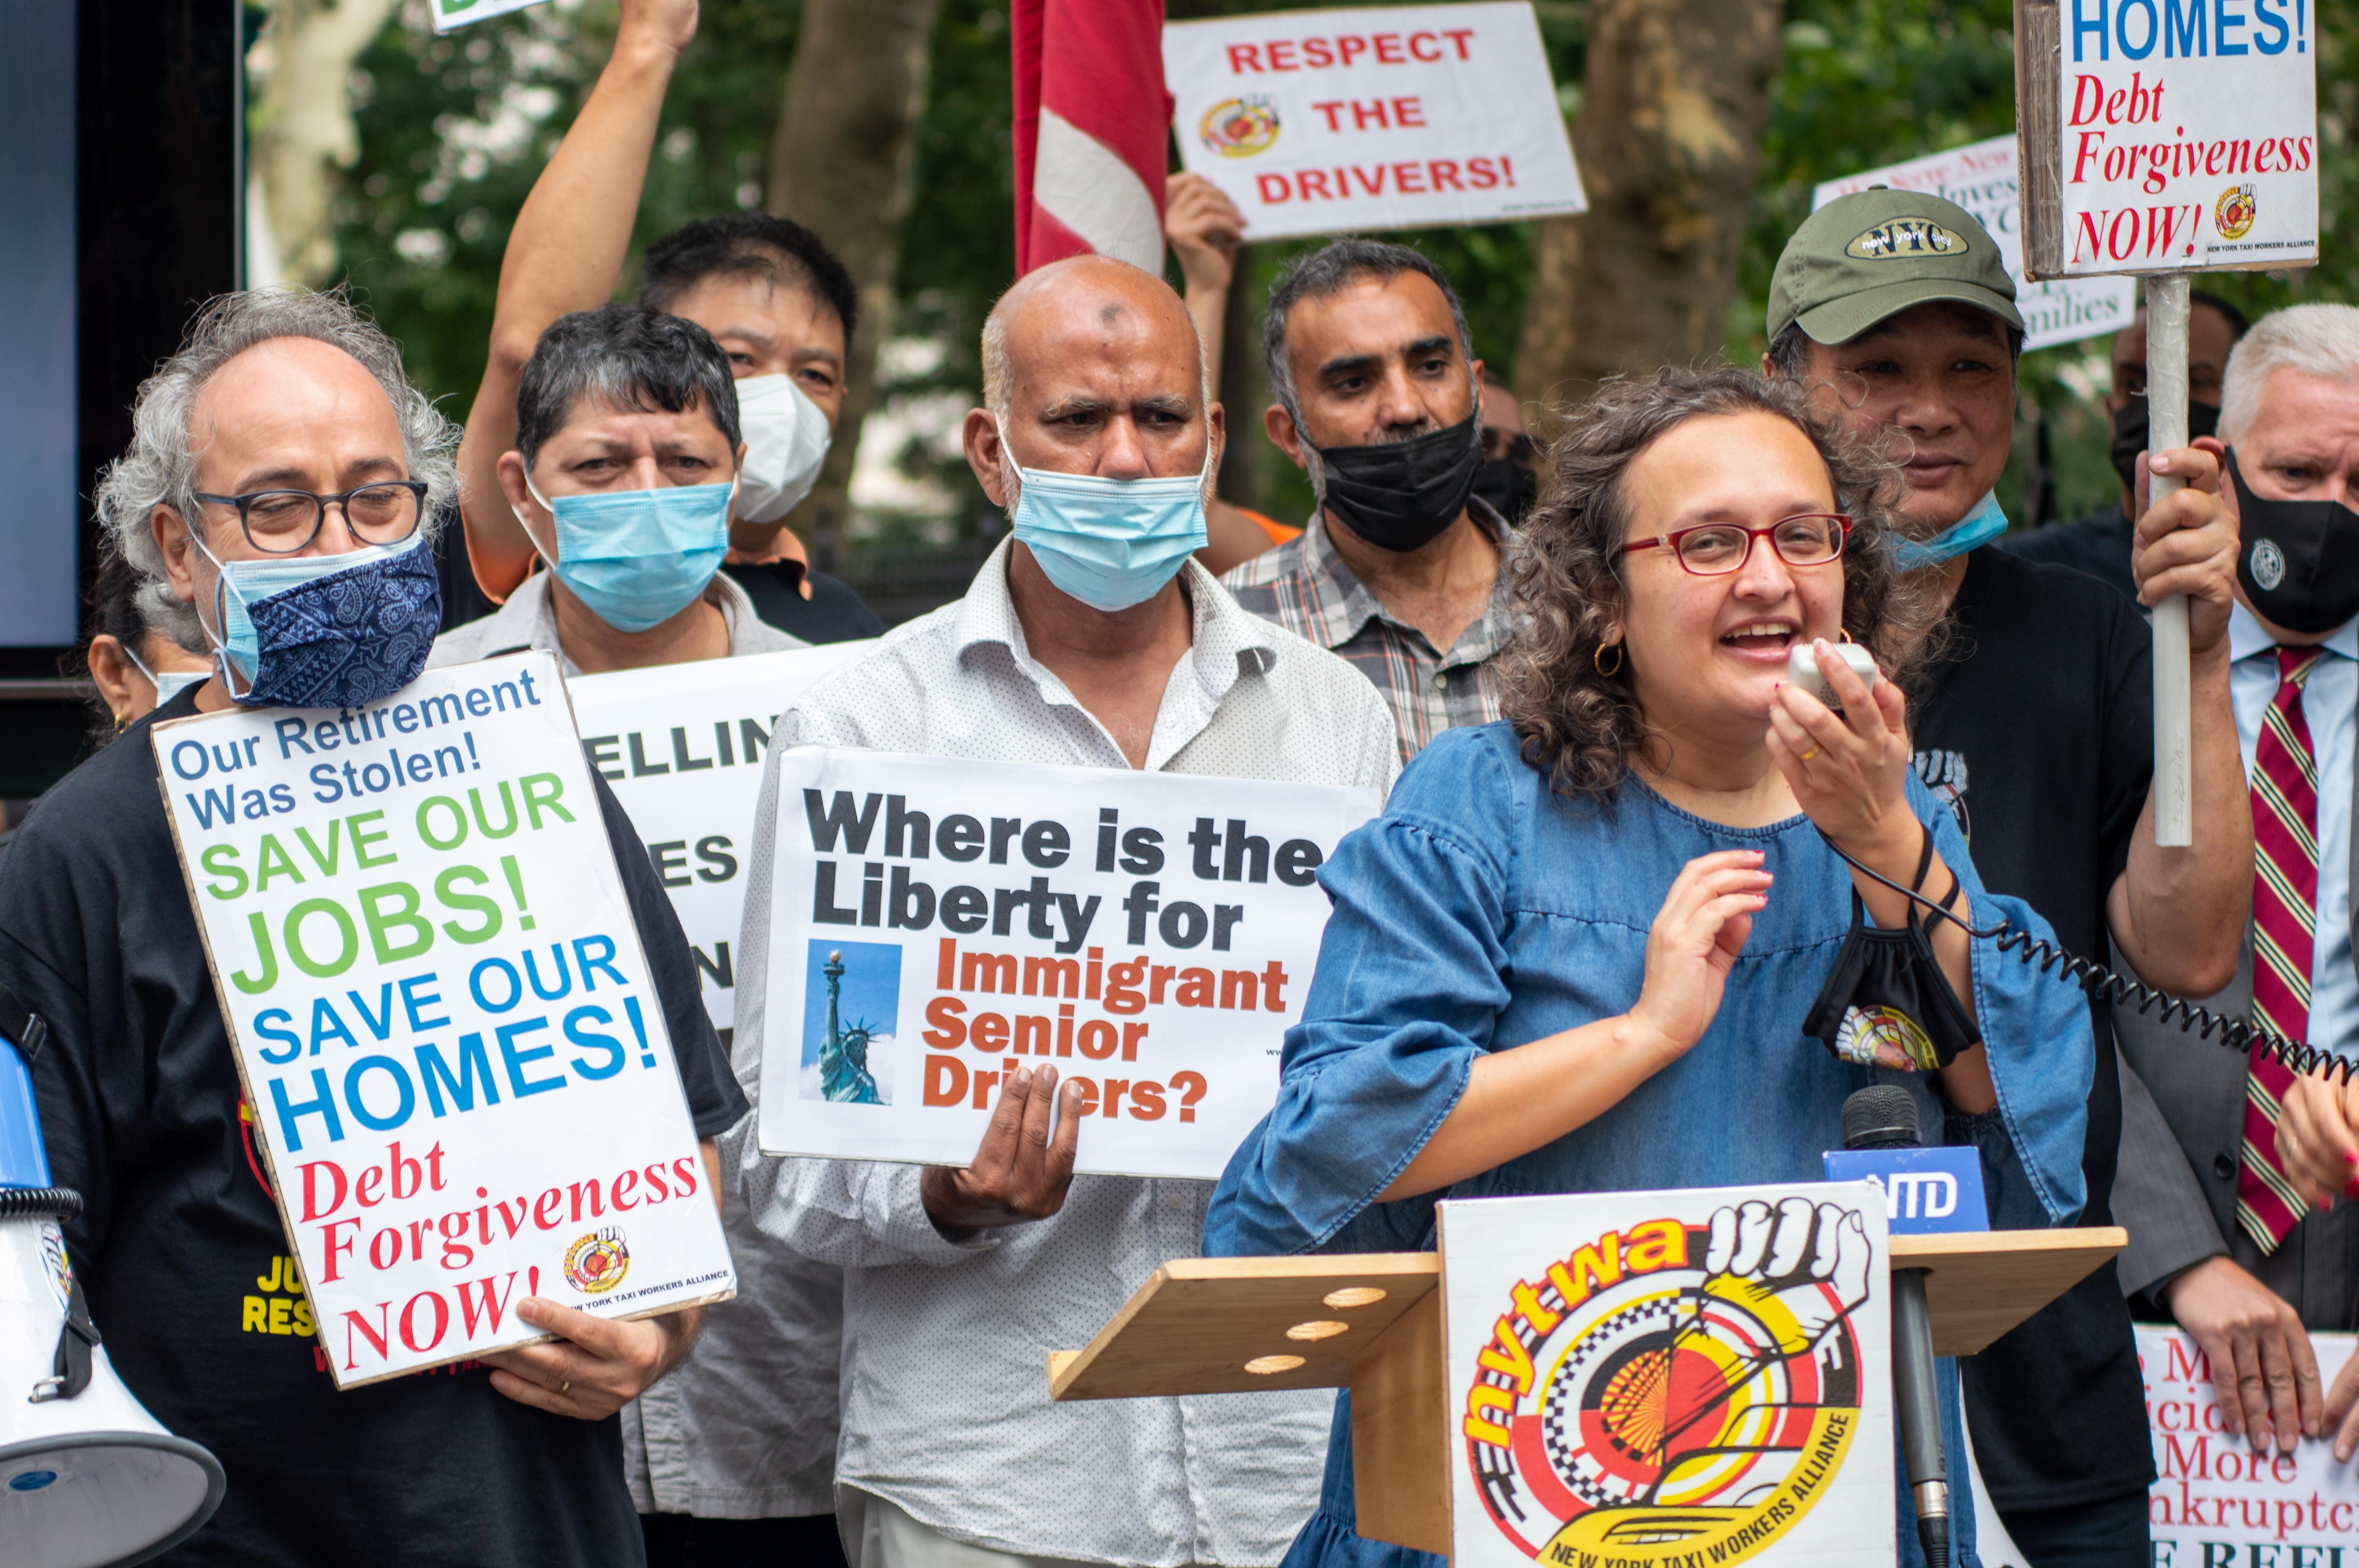 معترضان از شهر می خواهند بدهی سنگینی به رانندگان تحمیل کند